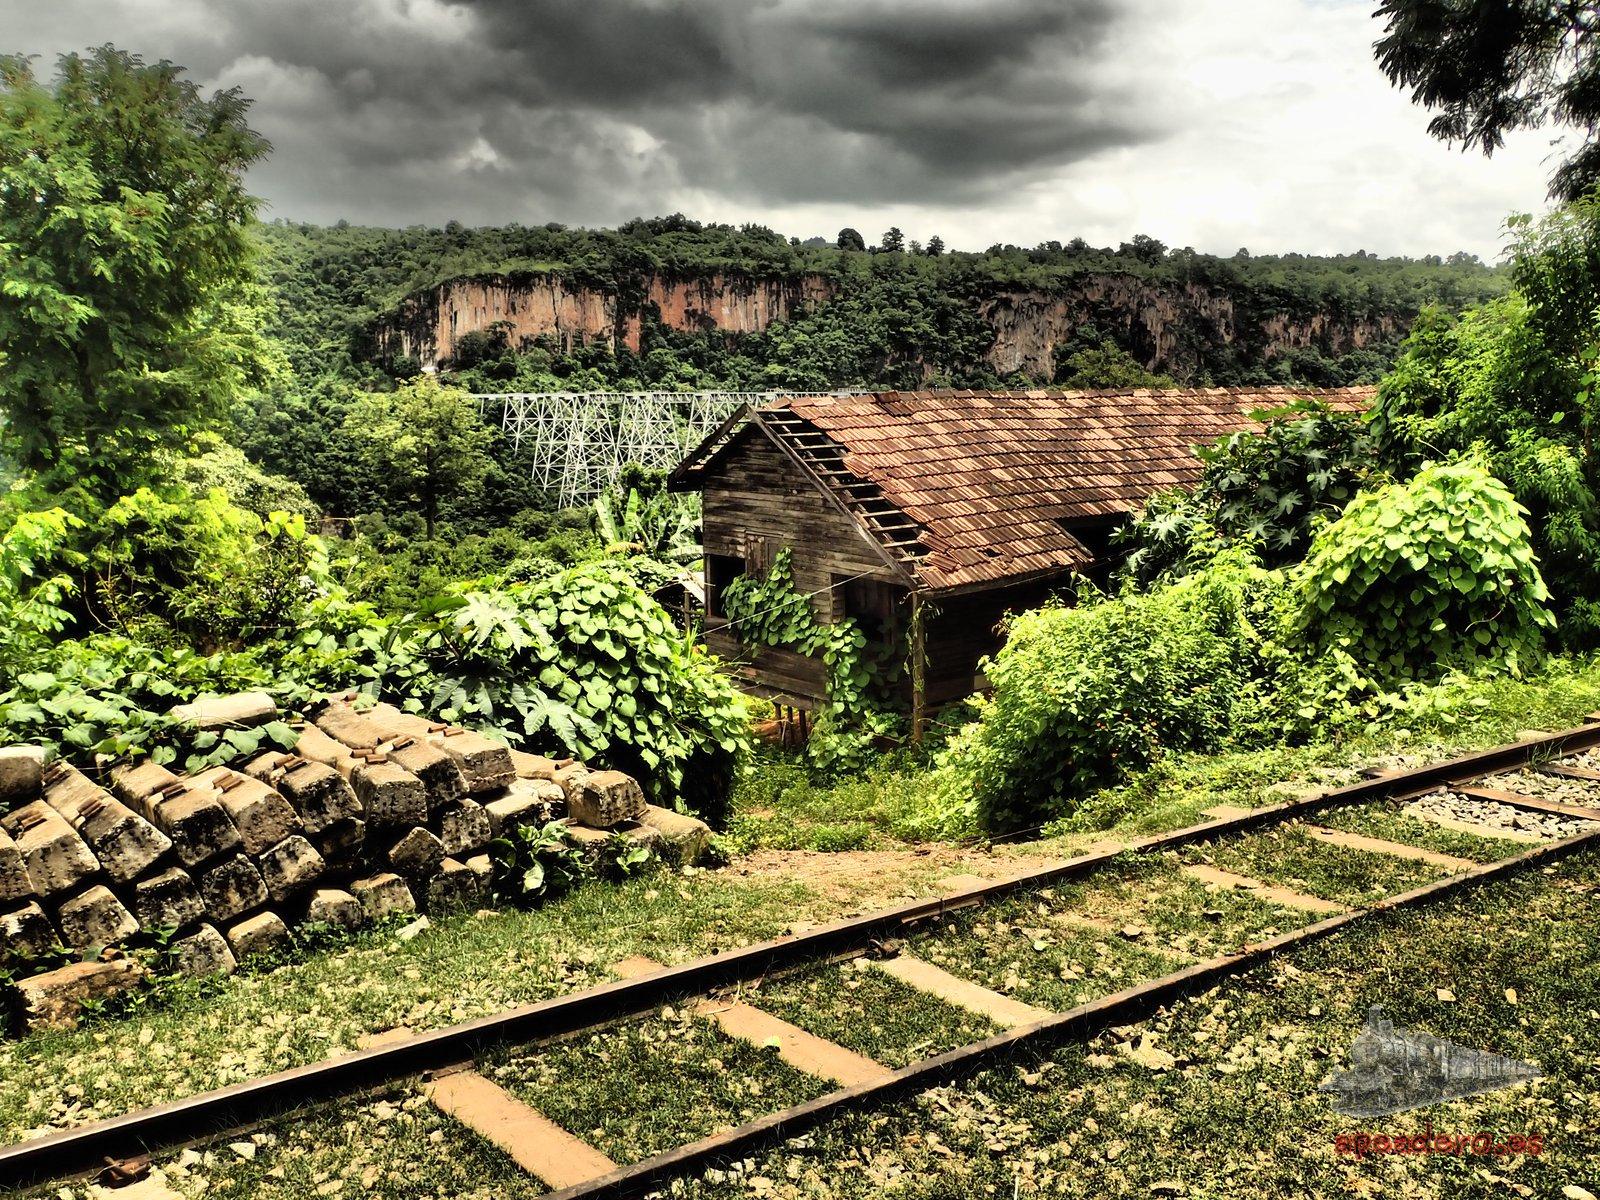 Estación de tren abandonada en el recorrido entre Mandalay y Pyin Oo Lwin